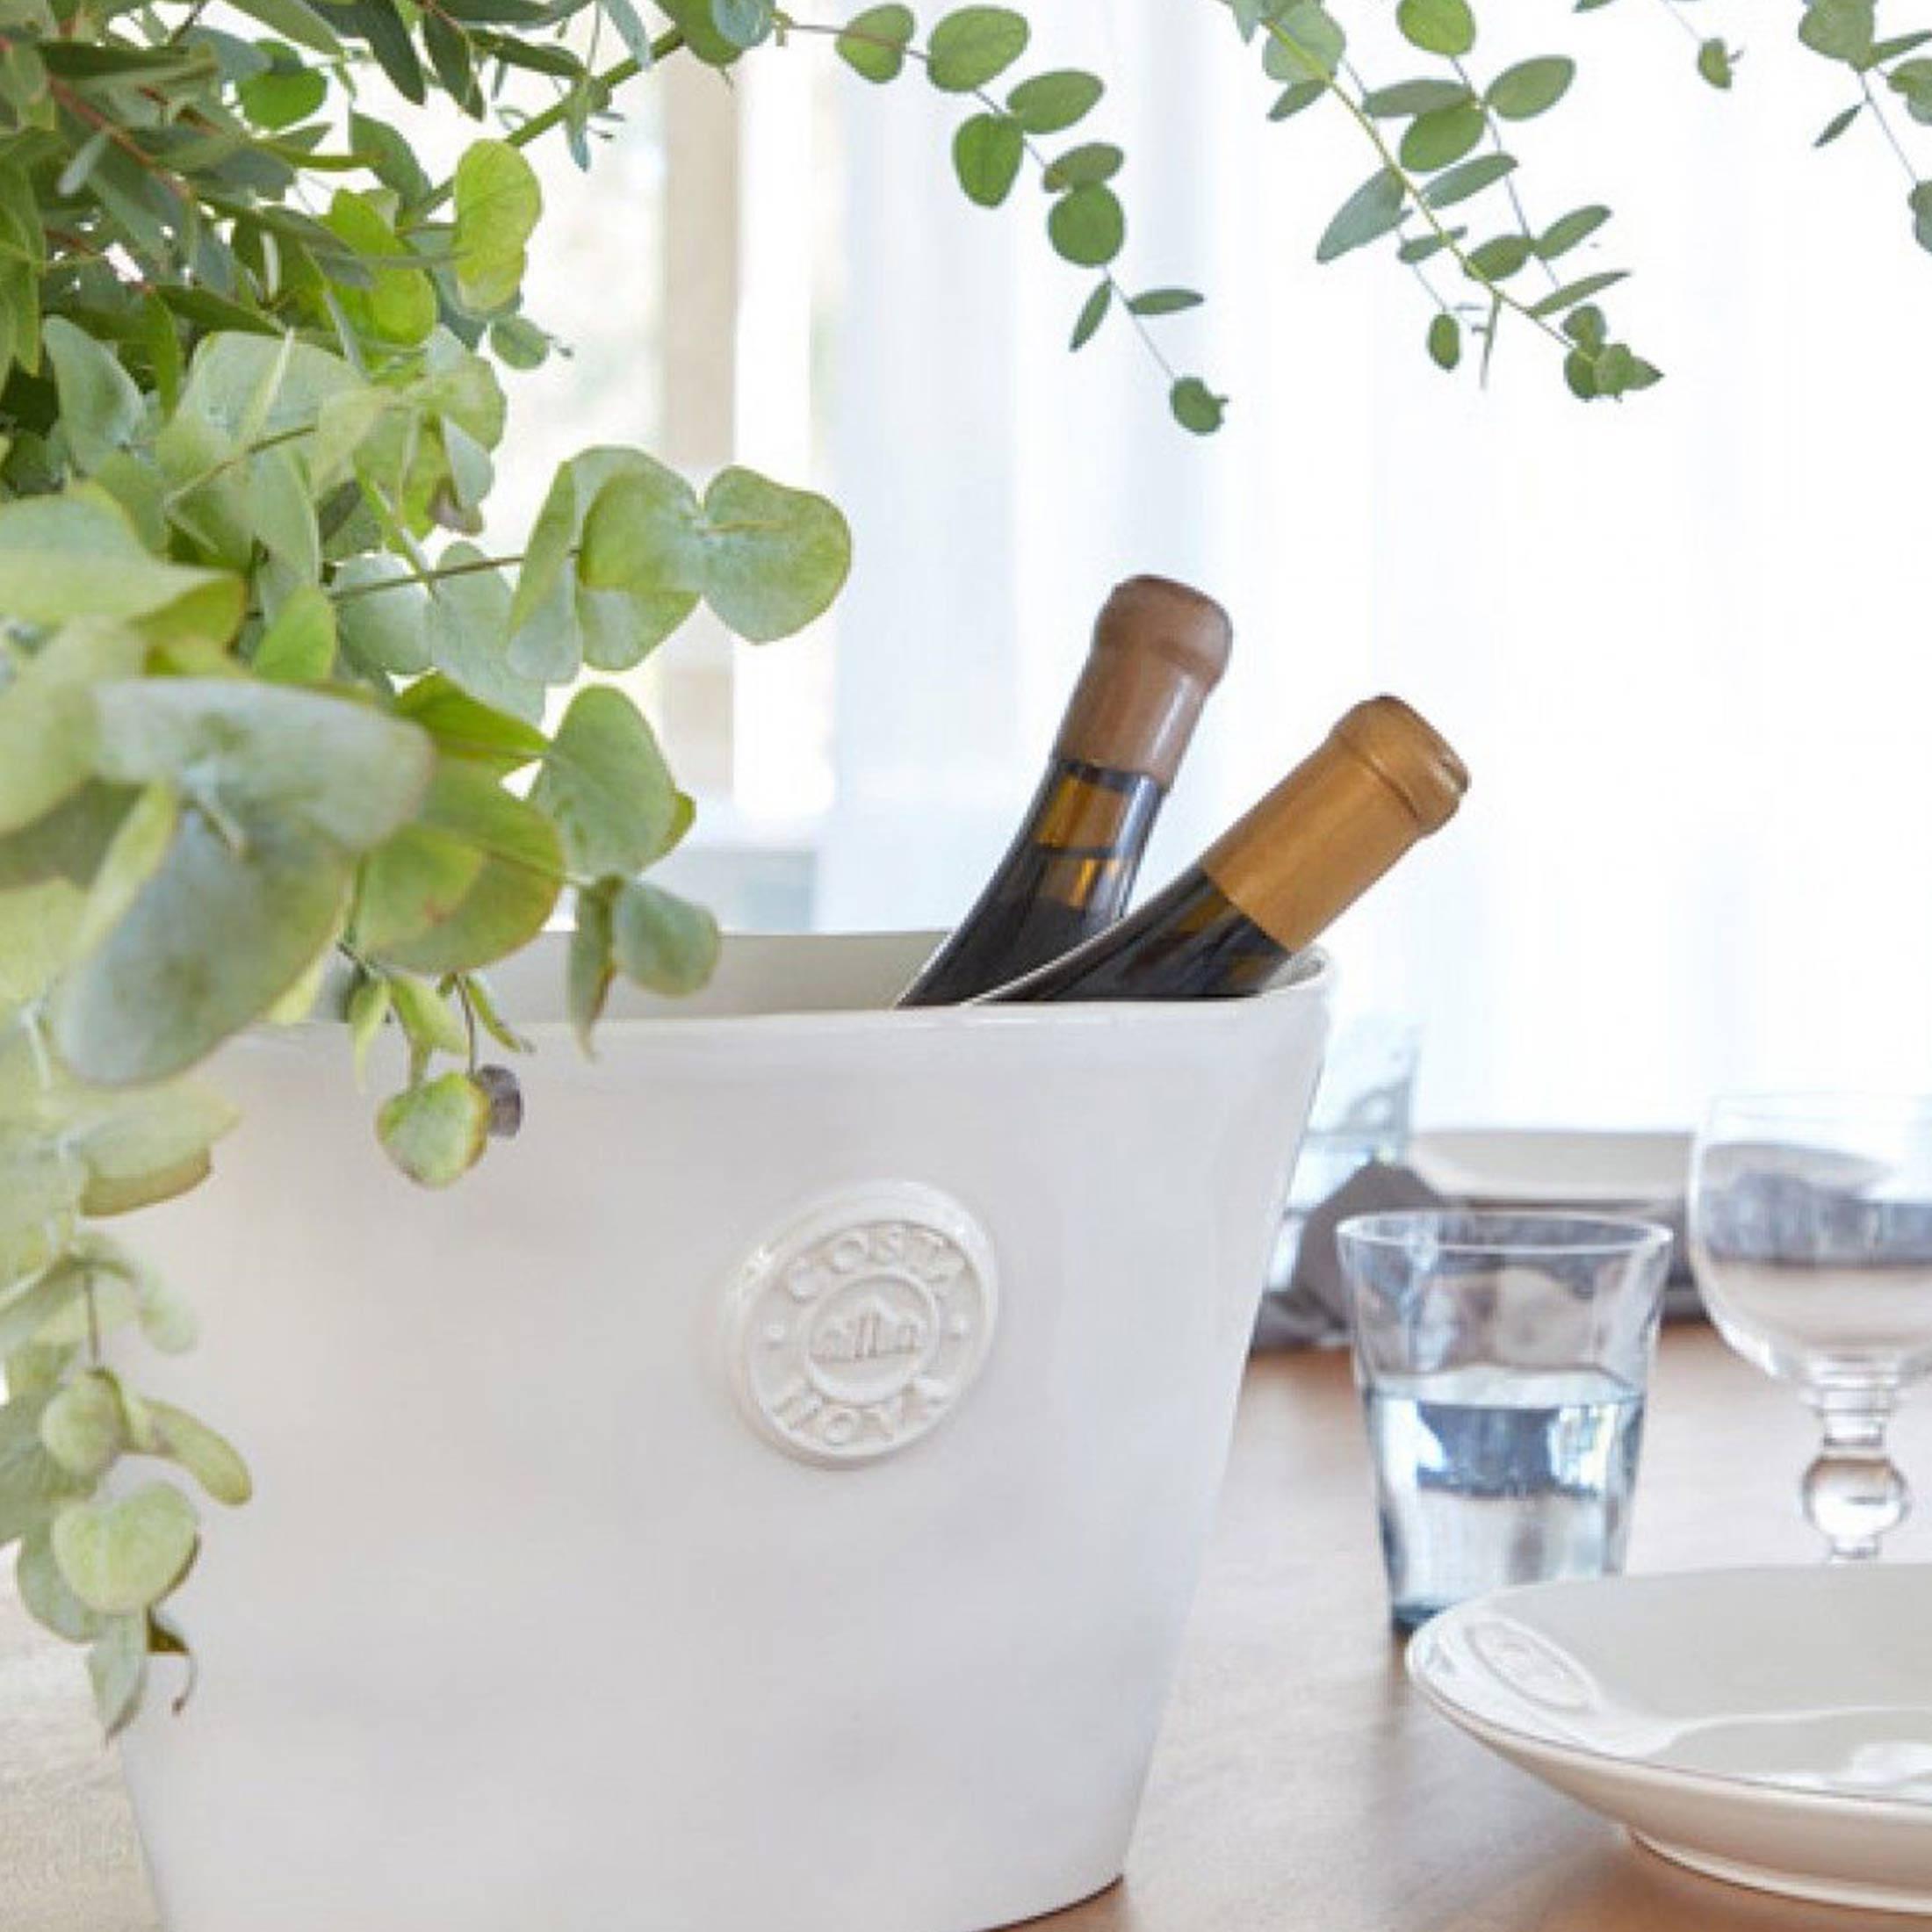 Sekt-Kühler weiss aus Steinzeug ♥ Kühler für Getränke und als Deko für das Brunch Buffet | Geschirr von Costa Nova ♥ Getränke Kühler